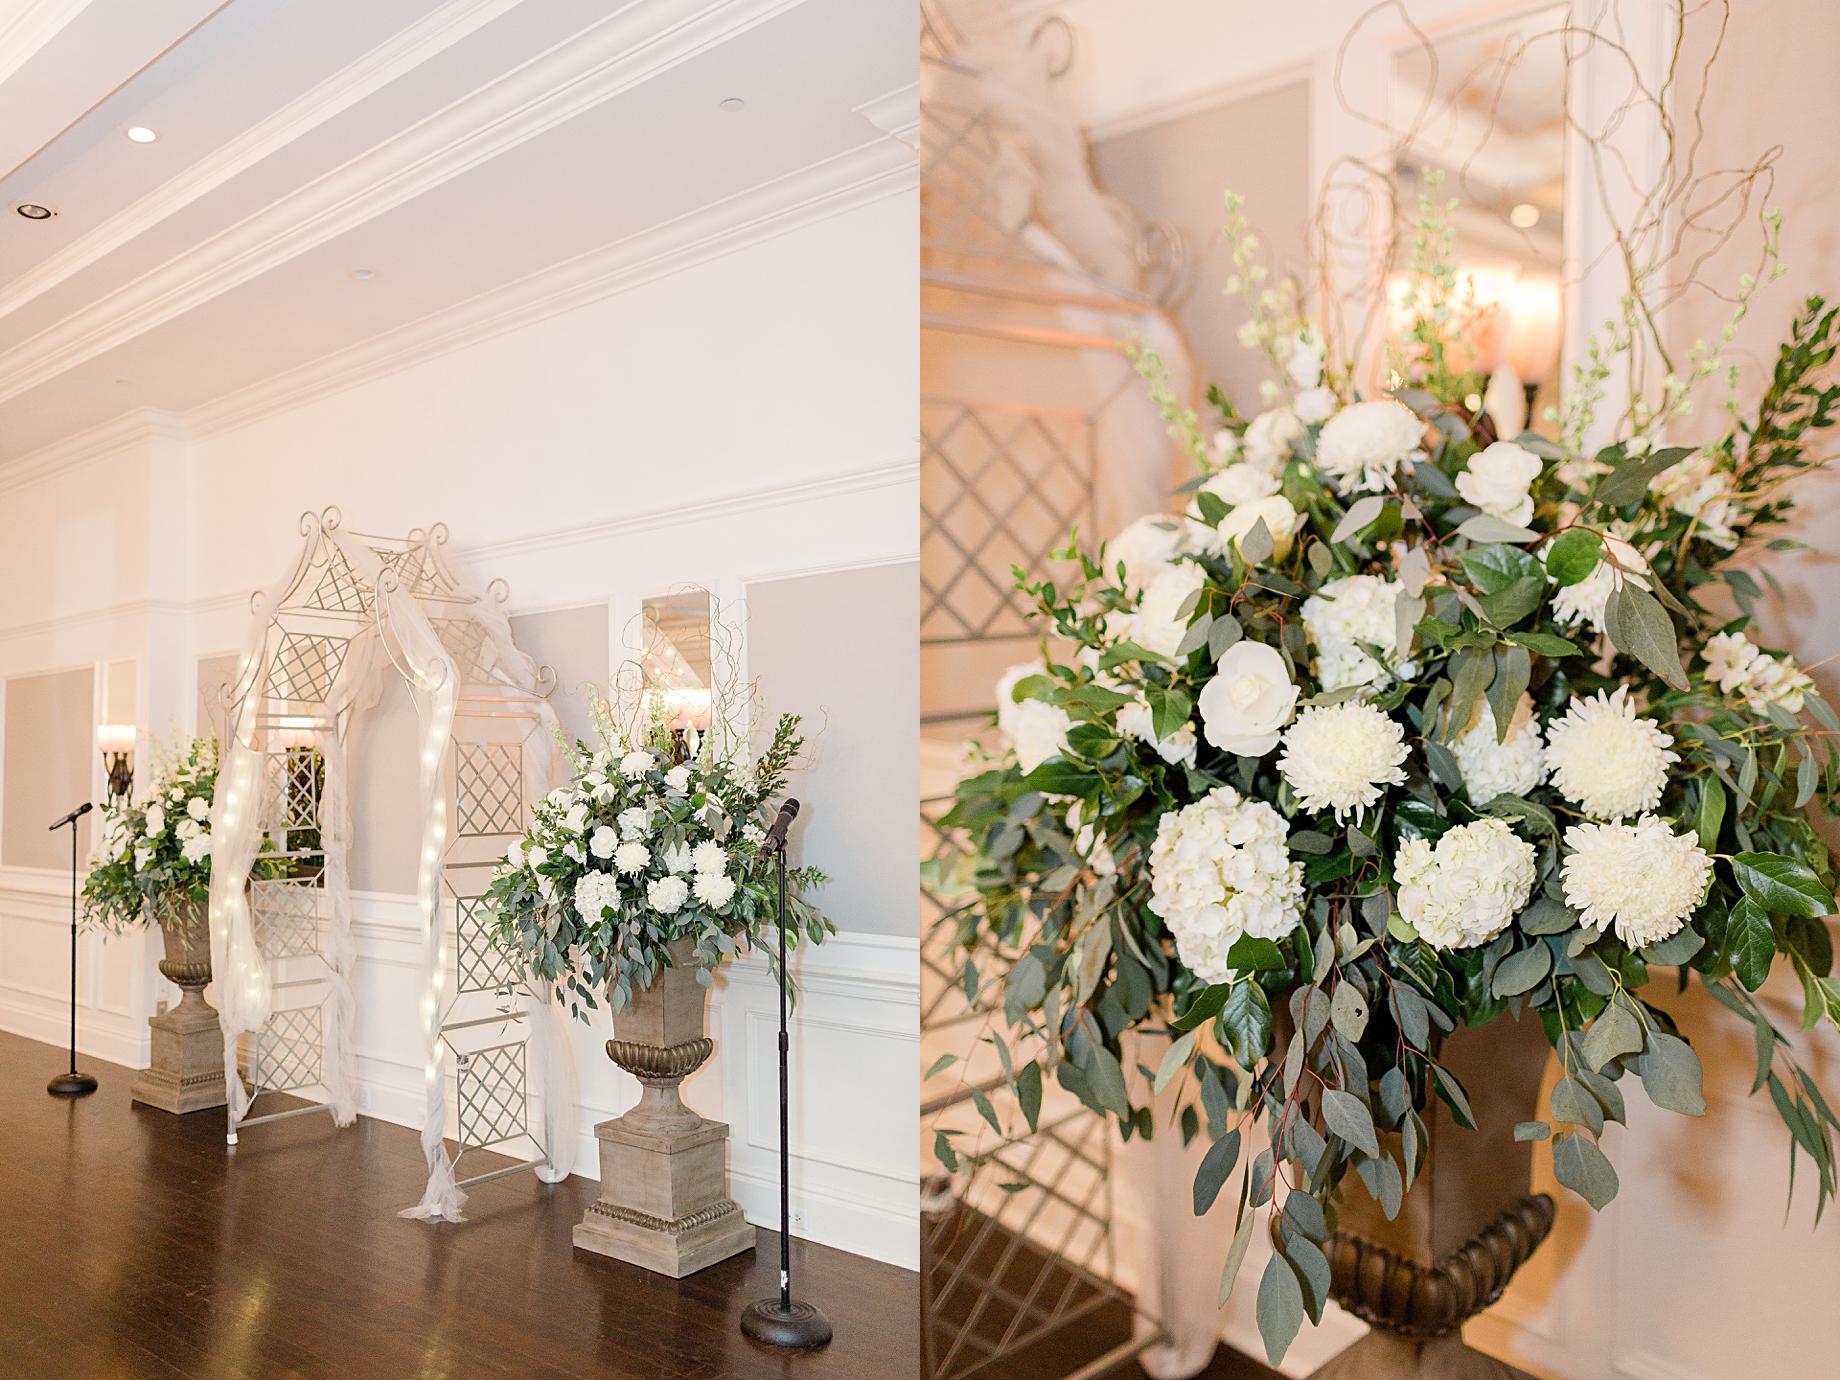 Elegant Winter Wedding at French Creek Golf Club | Flowers by Blue Moon Florist